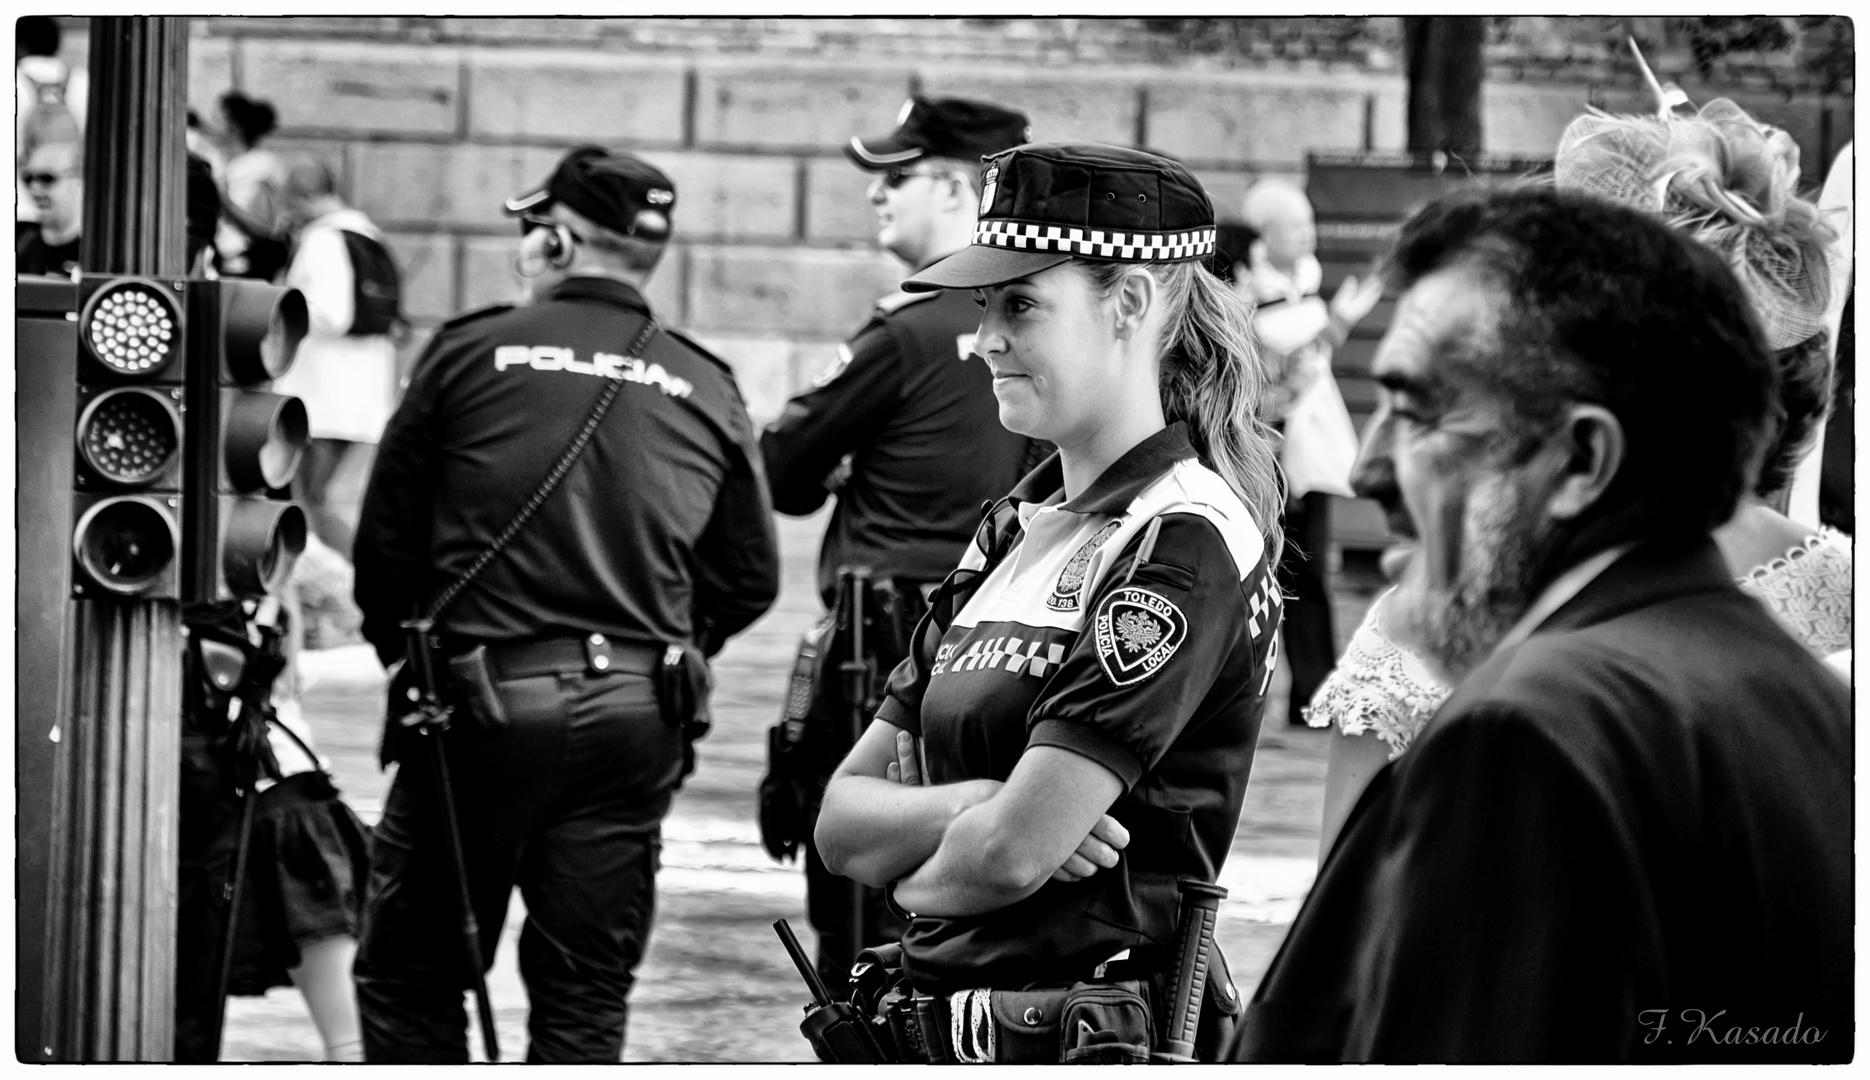 La Bella Polizzia ( A Mauro clarooooo)